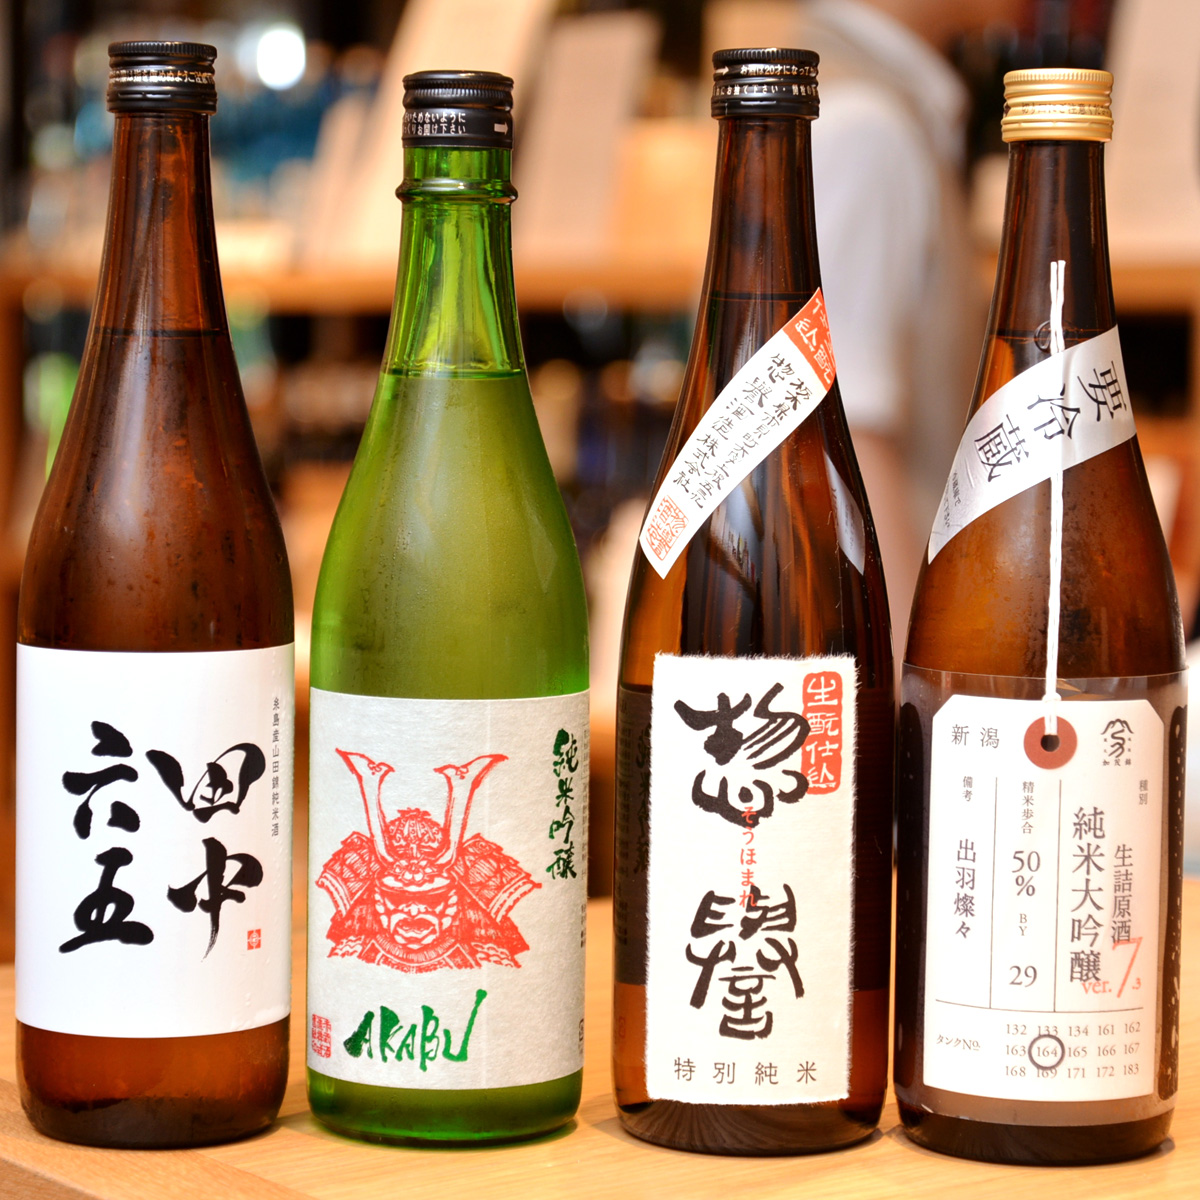 《2018年》人気の日本酒の違いを解説! 「いまでや 銀座」店長の厳選10本